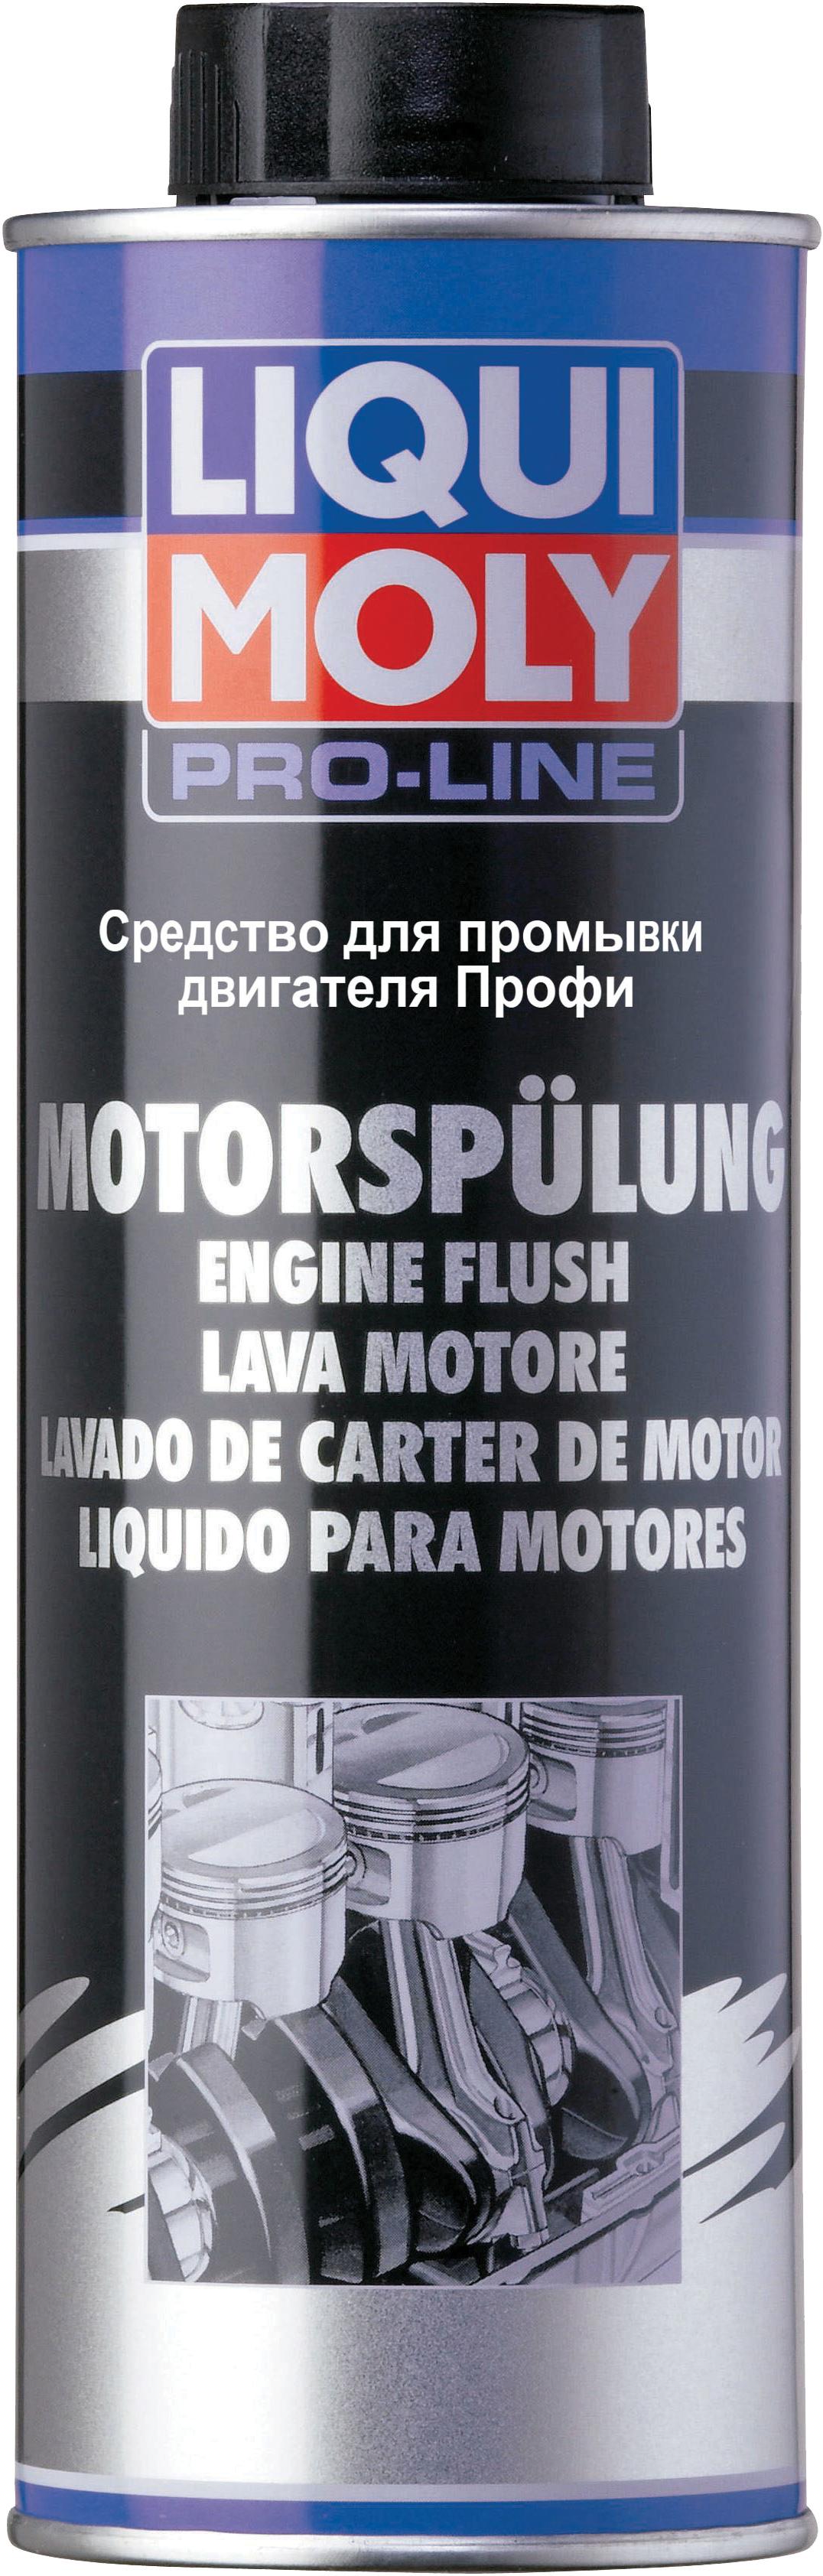 Средство для промывки двигателя Профи Pro-Line Motorspulung